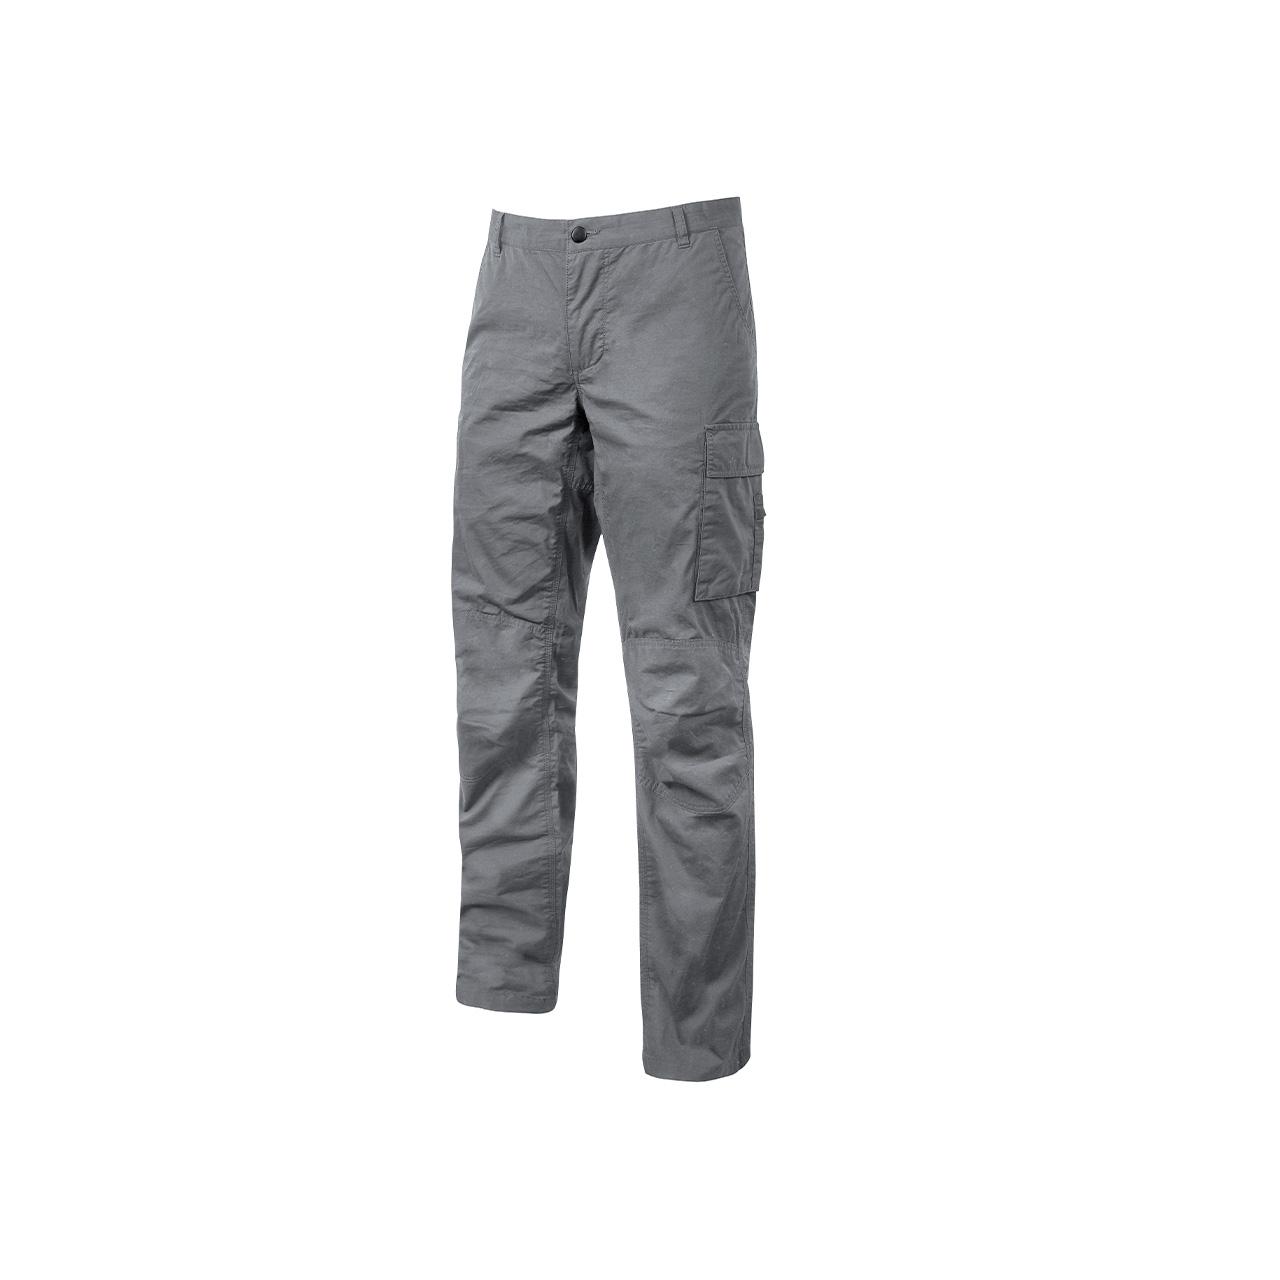 pantalone da lavoro upower modello ocean colore grey iron